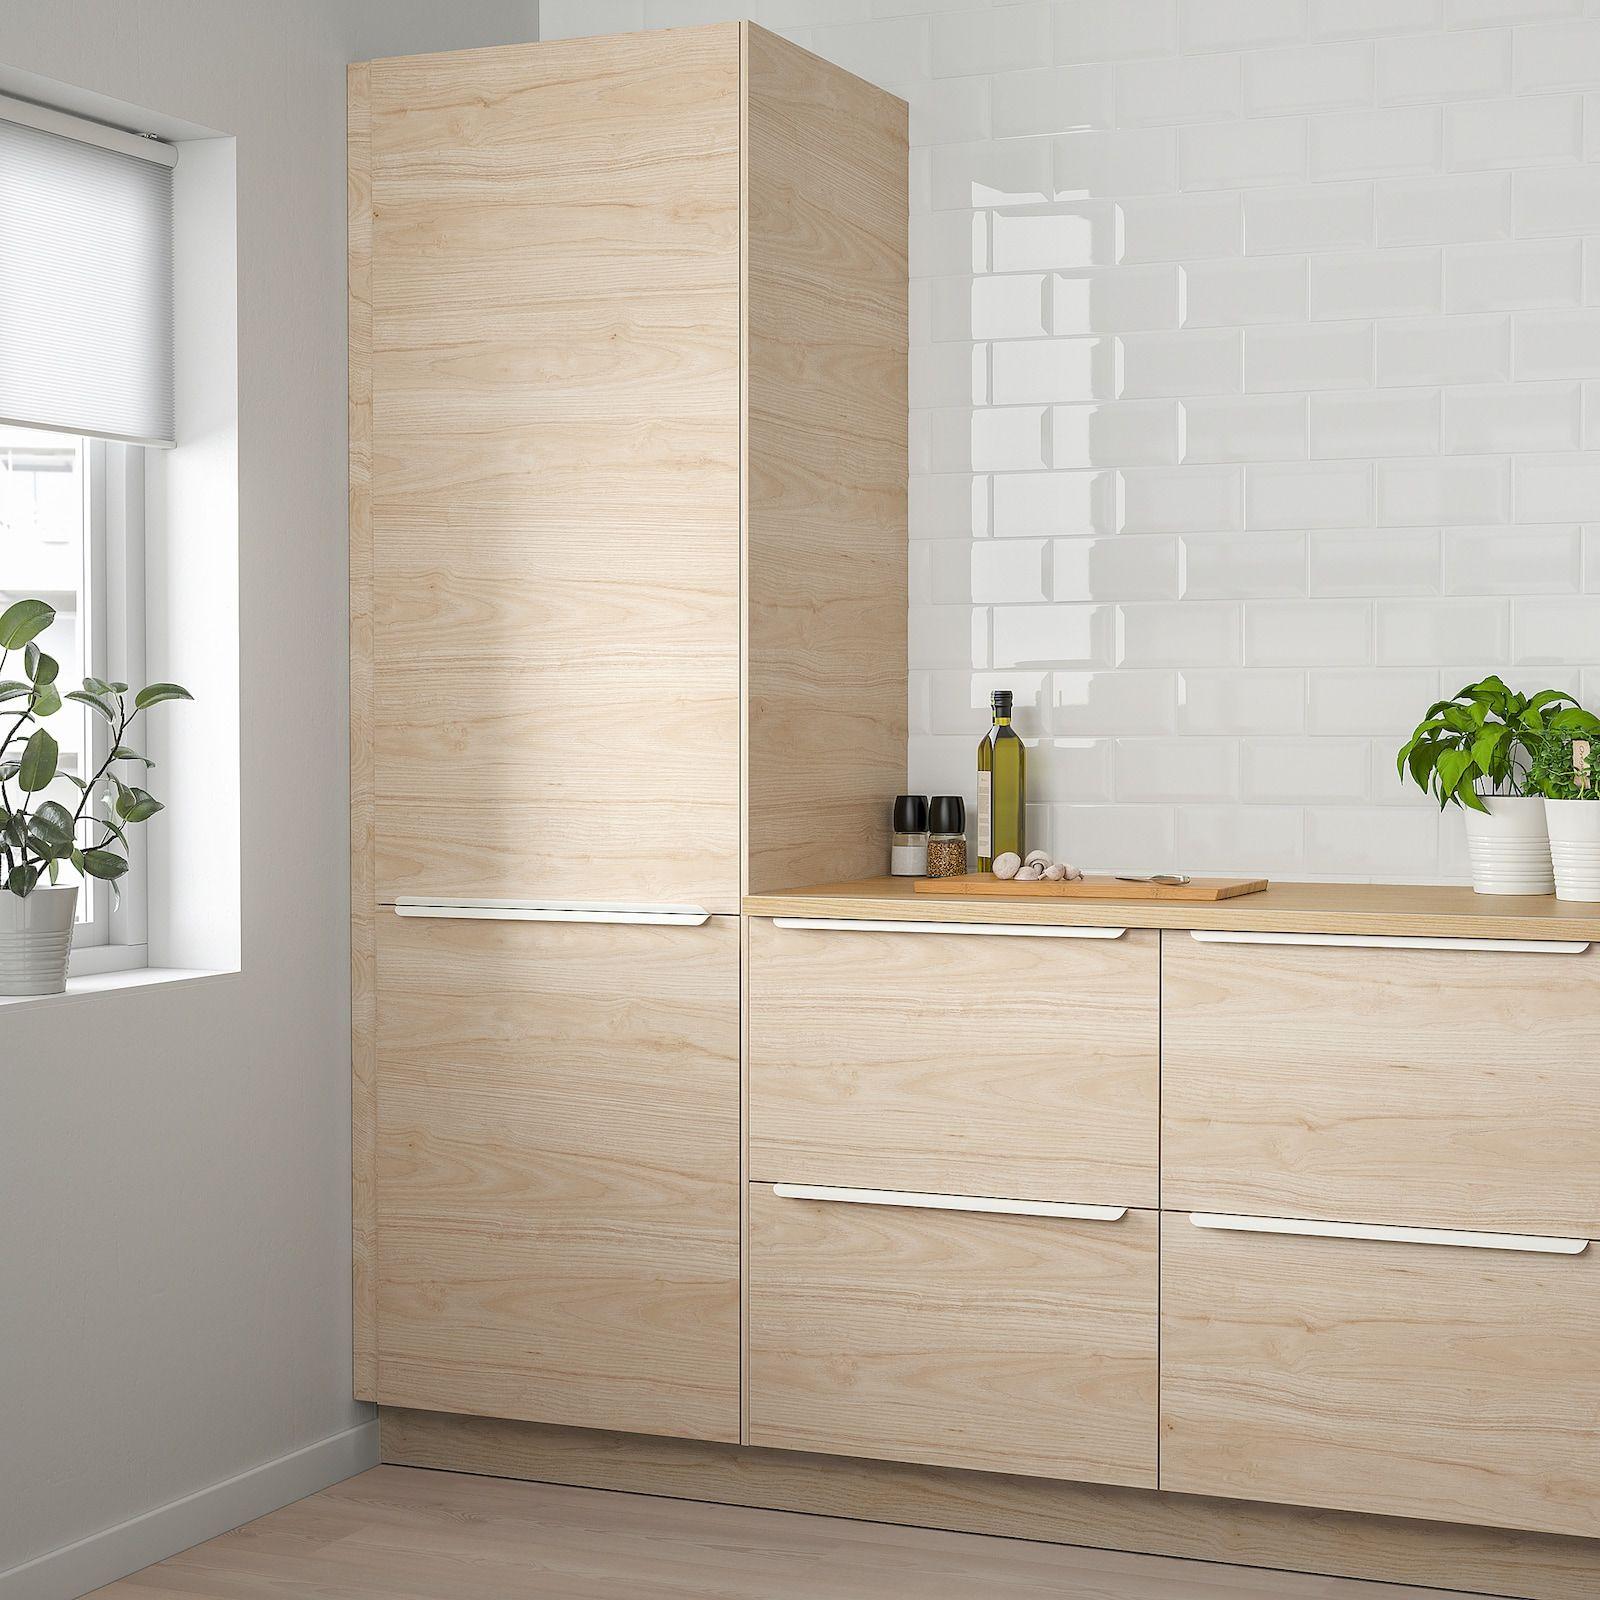 Askersund Door Ash Light Ash Effect 15x30 Ikea In 2020 Light Wood Cabinets Ikea Kitchen Doors